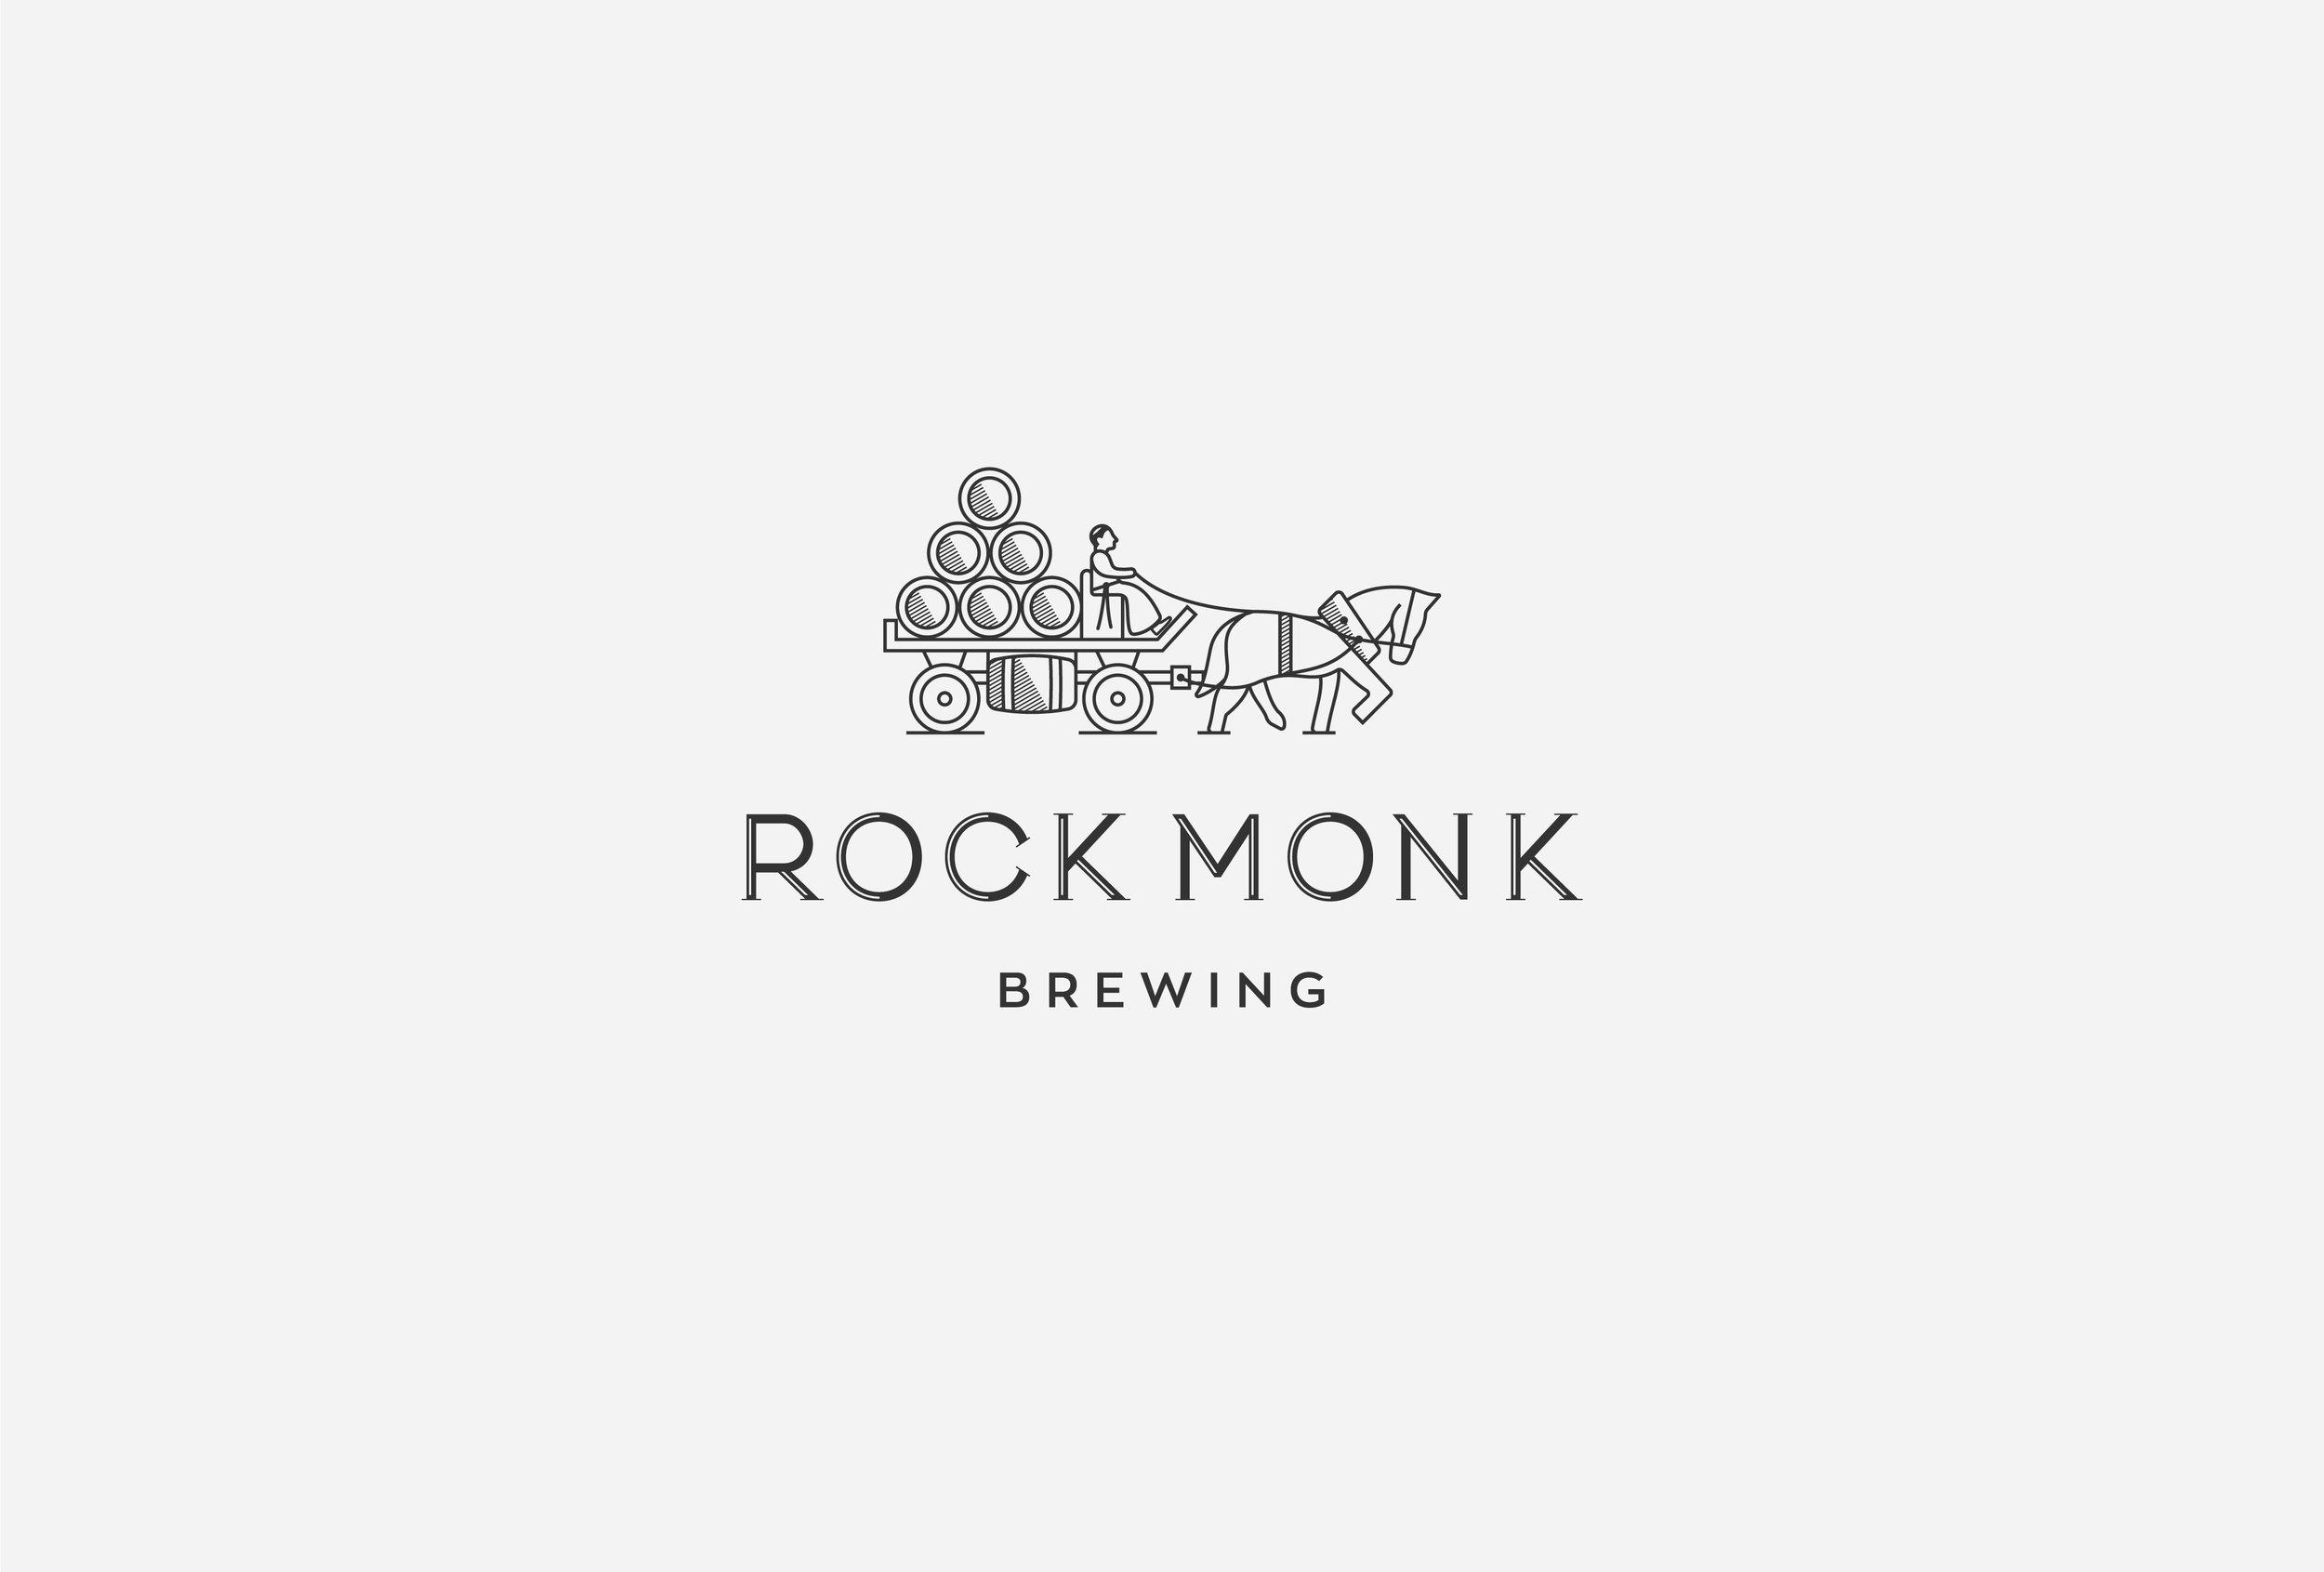 RockMonkPrimary-logo-design-branding-01.jpg